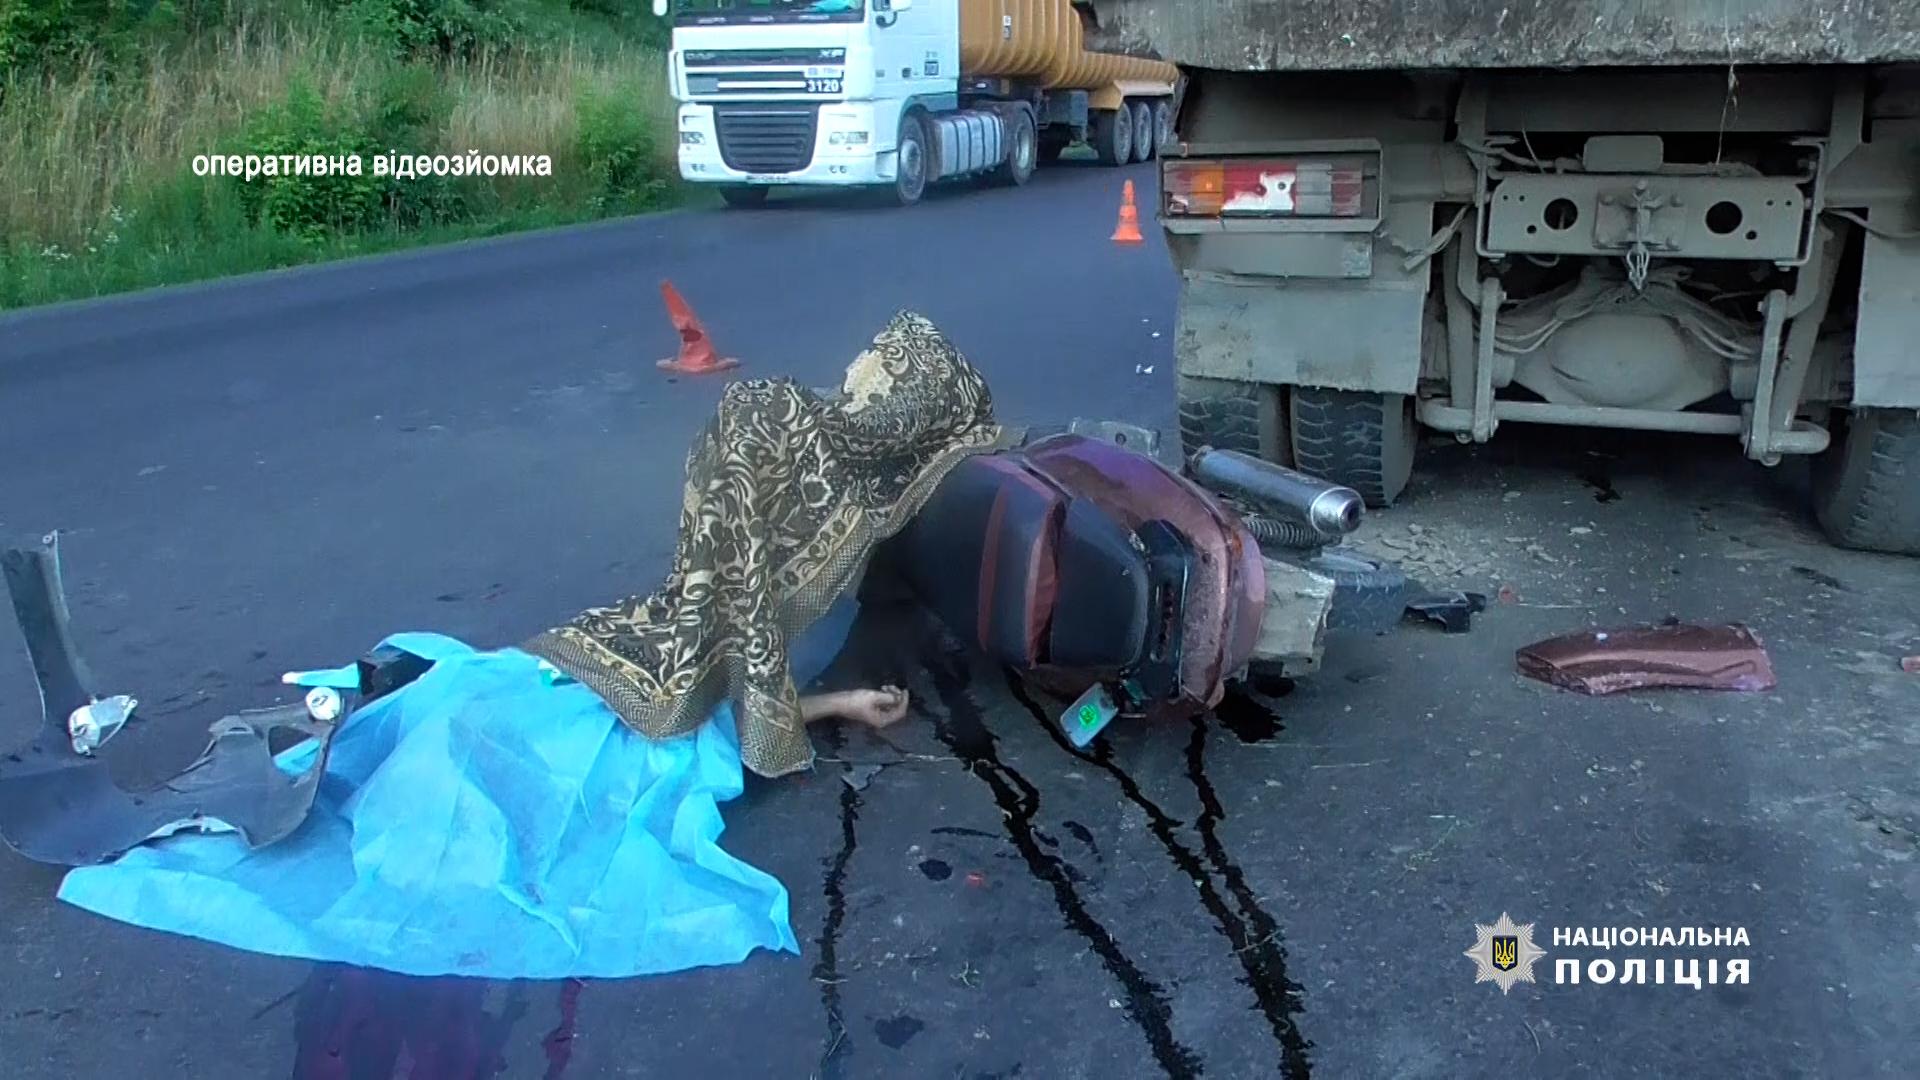 Загинув водій мопеда, ще троє – травмовані: на Тернопільщині 4 ДТП за добу